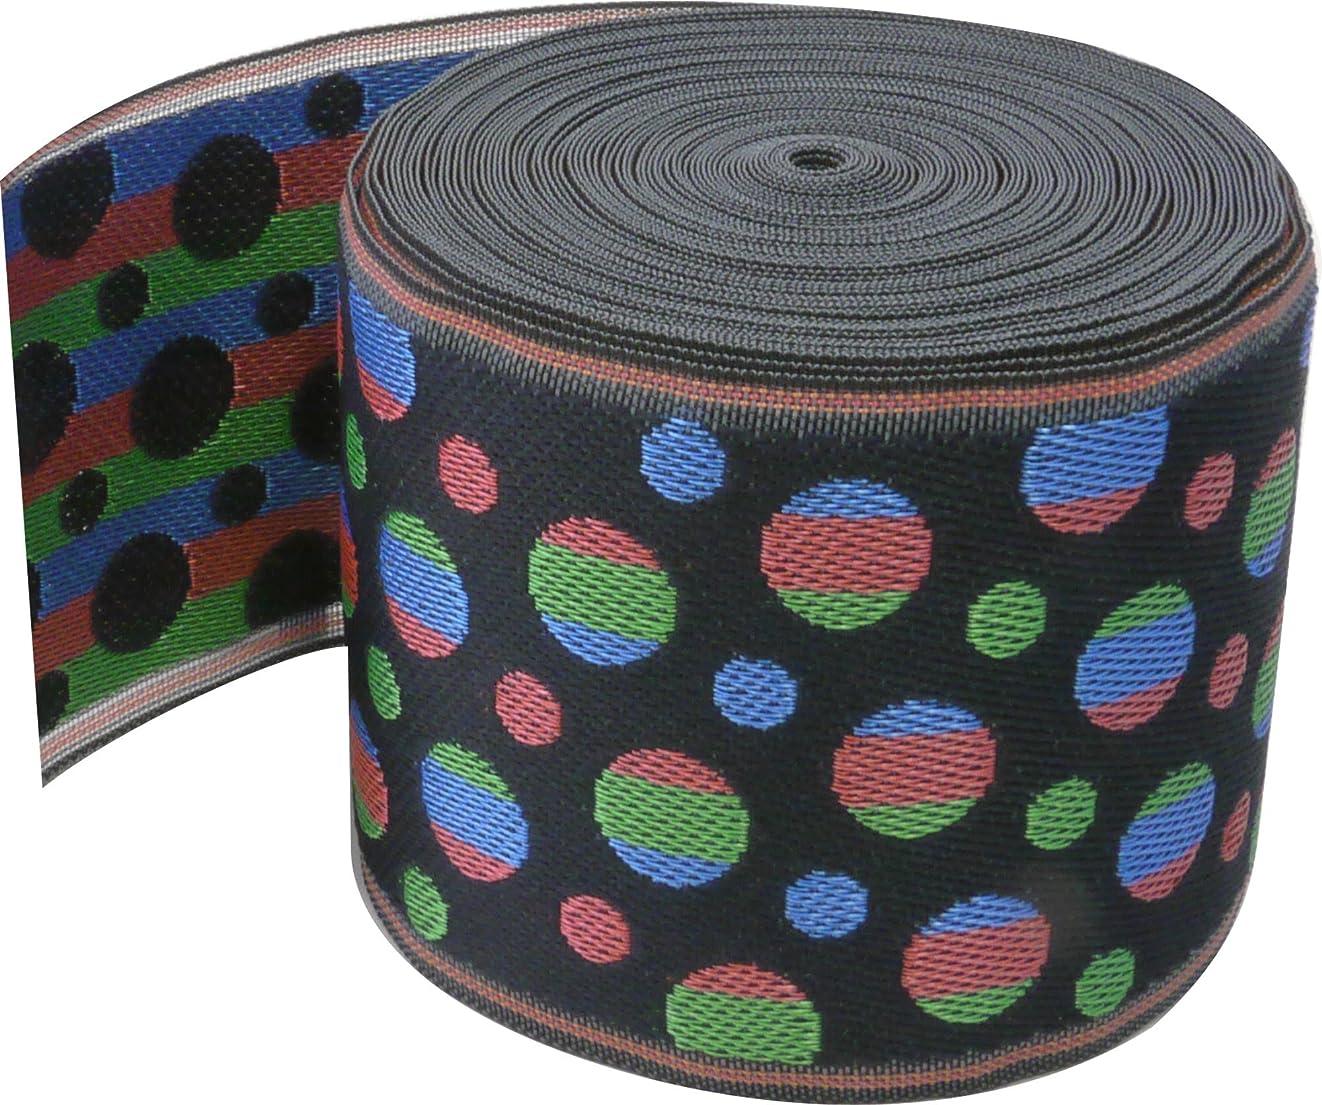 粒子どうしたの困惑したKAWAGUCHI カワグチ くるくるおなまえテープ 1.5cm巾×1.2m巻 ラベンダー水玉 TK11400